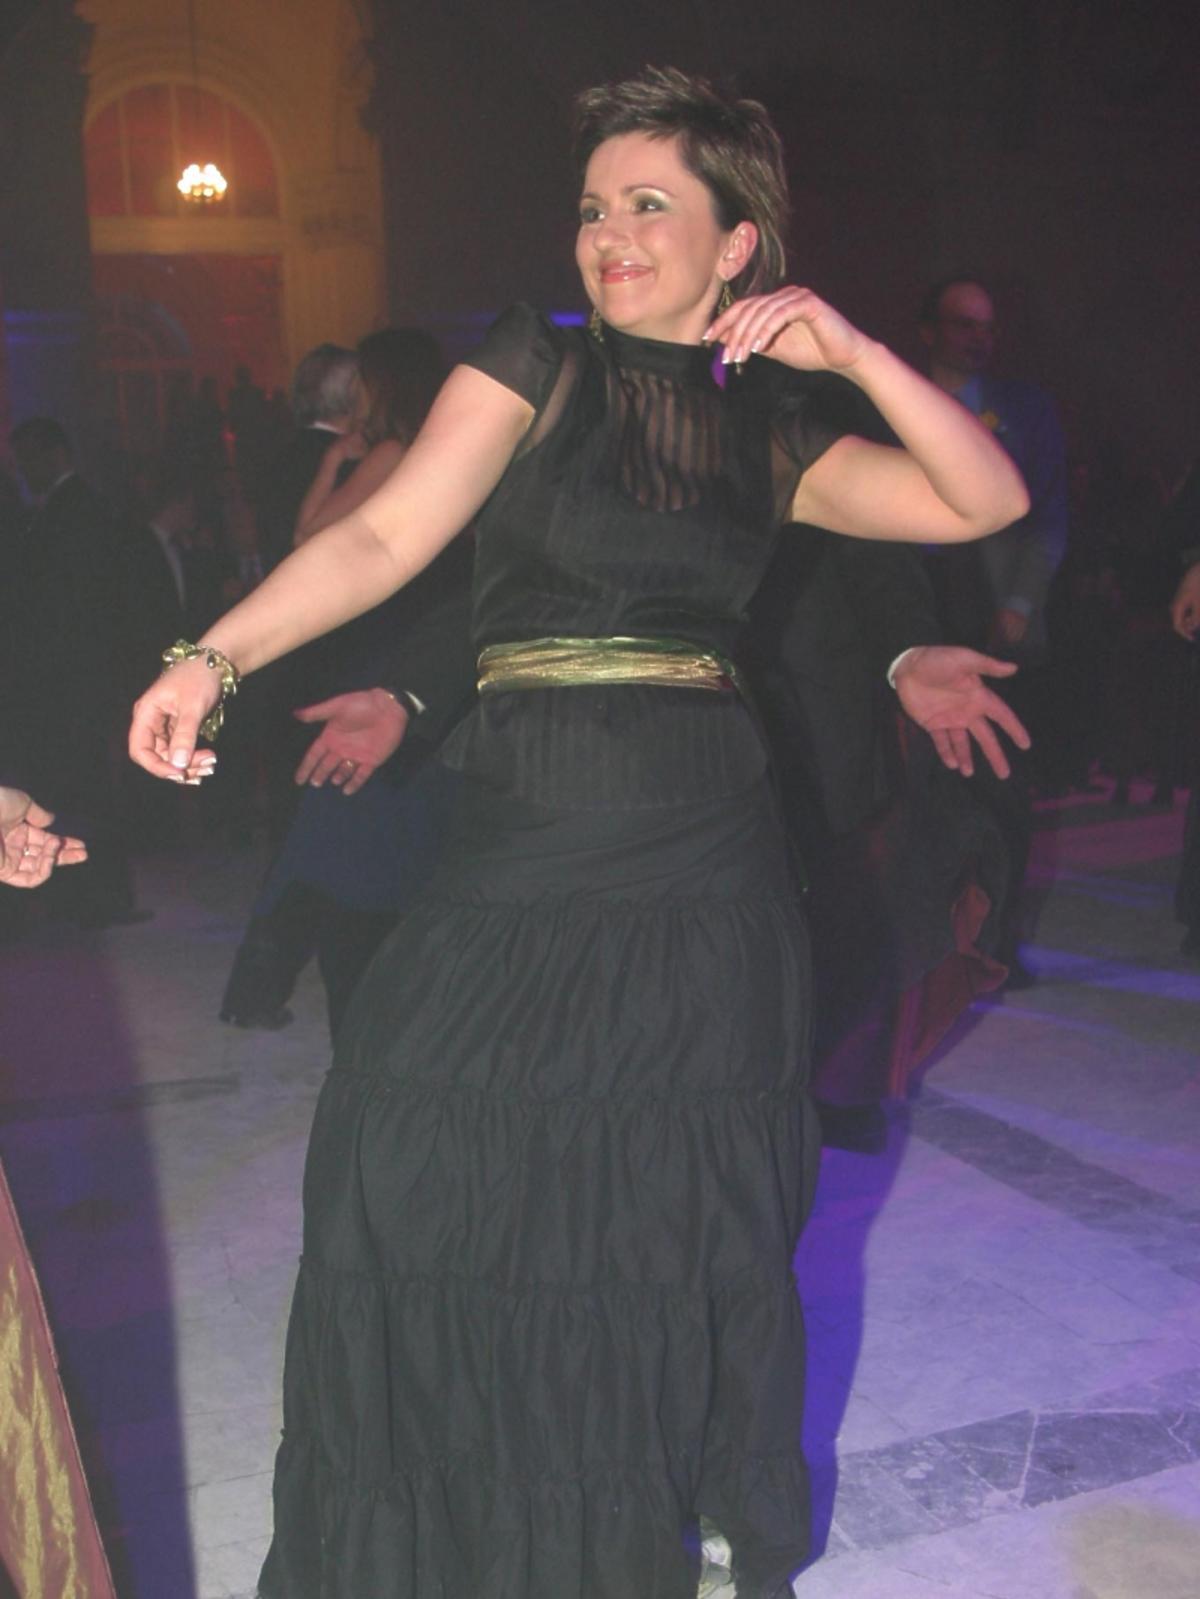 Beata Tadla na parkiecie w długiej, czarnej sukience podczas Charytatywnego Balu Dziennikarzy w auli Politechniki warszawskiej